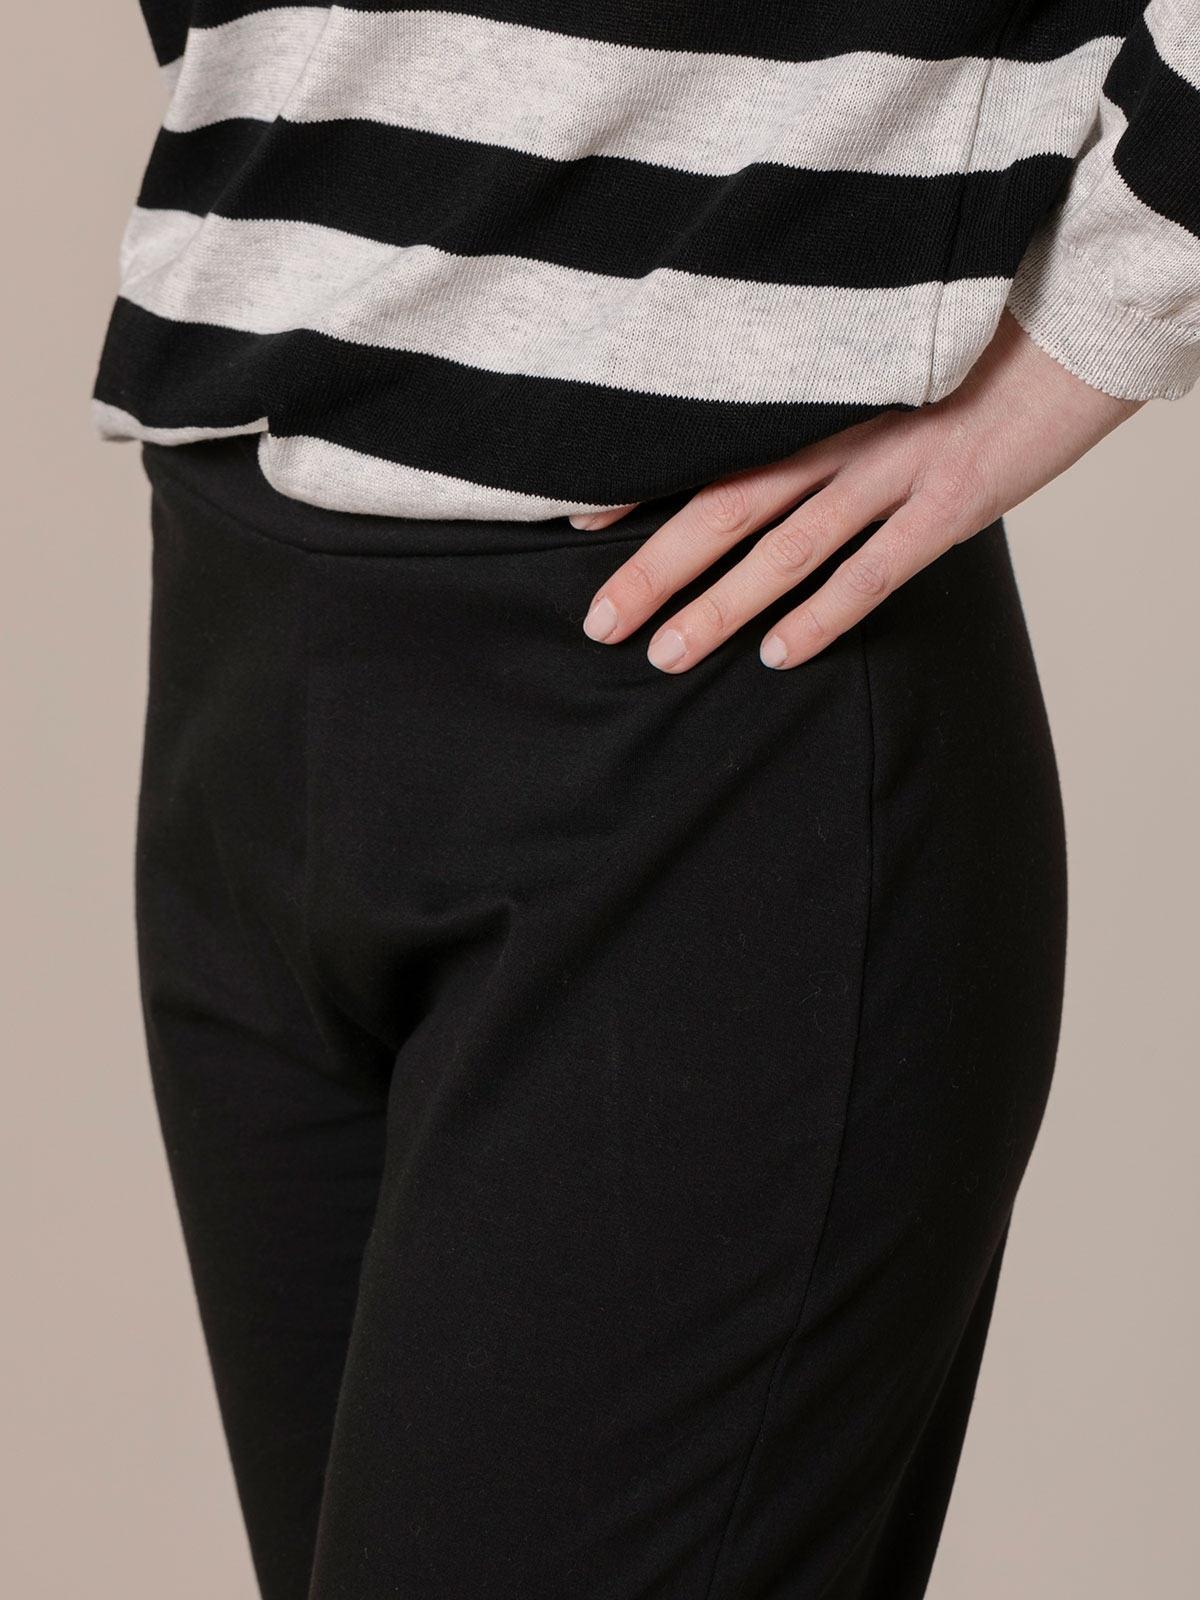 Pantalón mujer felpa algodón semi acampanado Negro